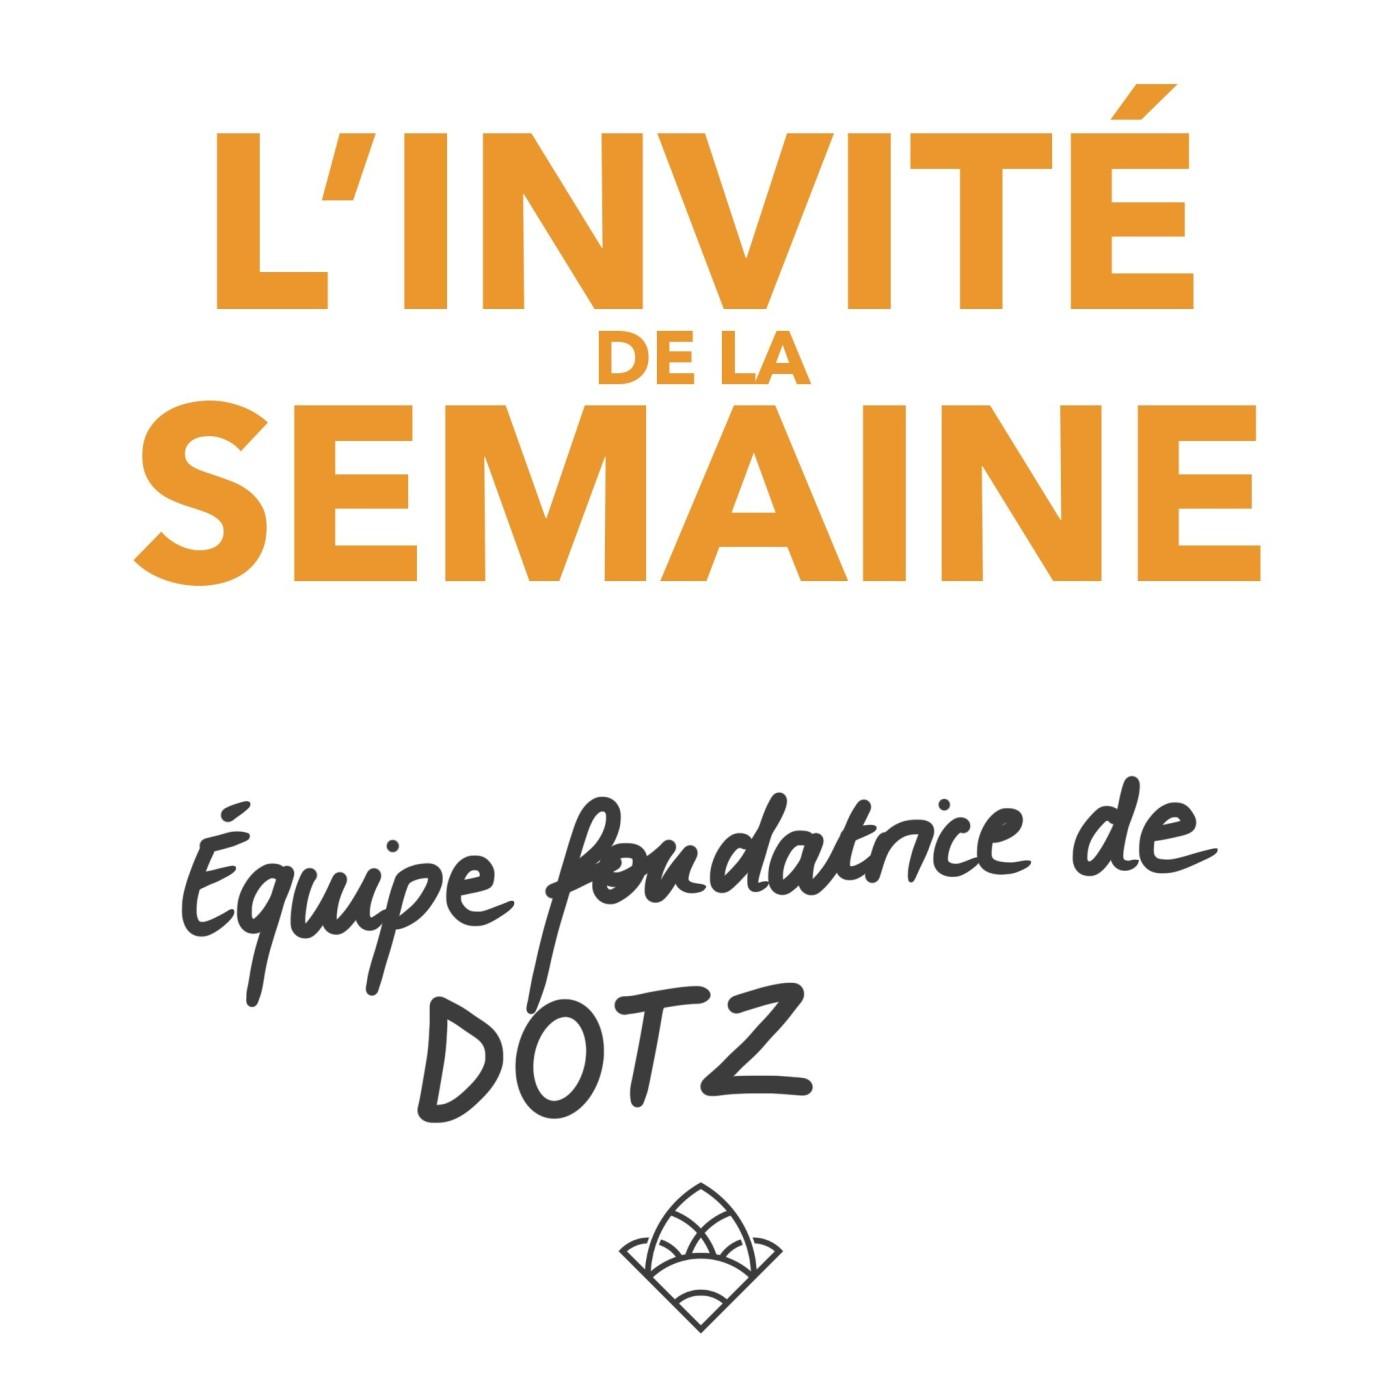 (invité #23) Équipe fondatrice de la marque DOTZ 🇧🇷